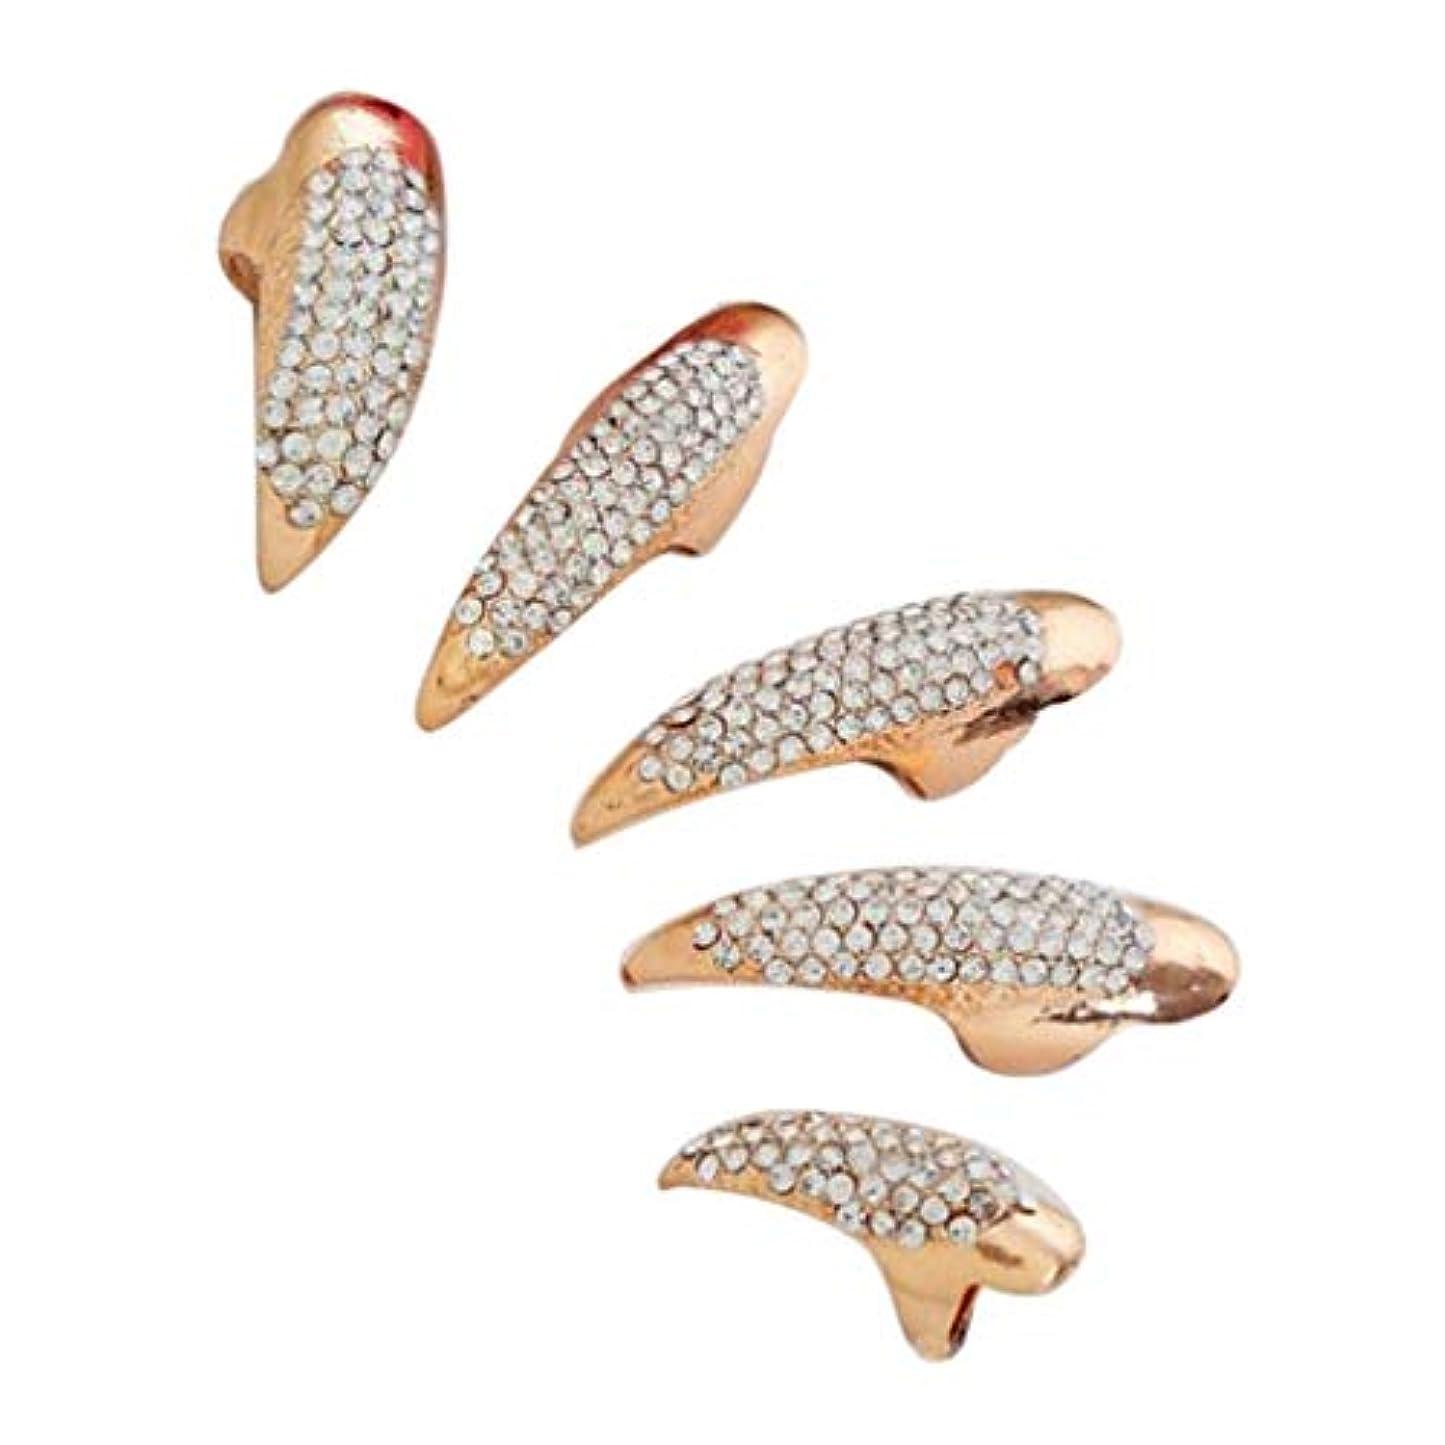 ライター日付マーチャンダイザーP Prettyia ネイルリング 爪リング ネイルチップ 指先 爪の指輪 パーティー 仮装 5本セット 2色選べ - ゴールデン